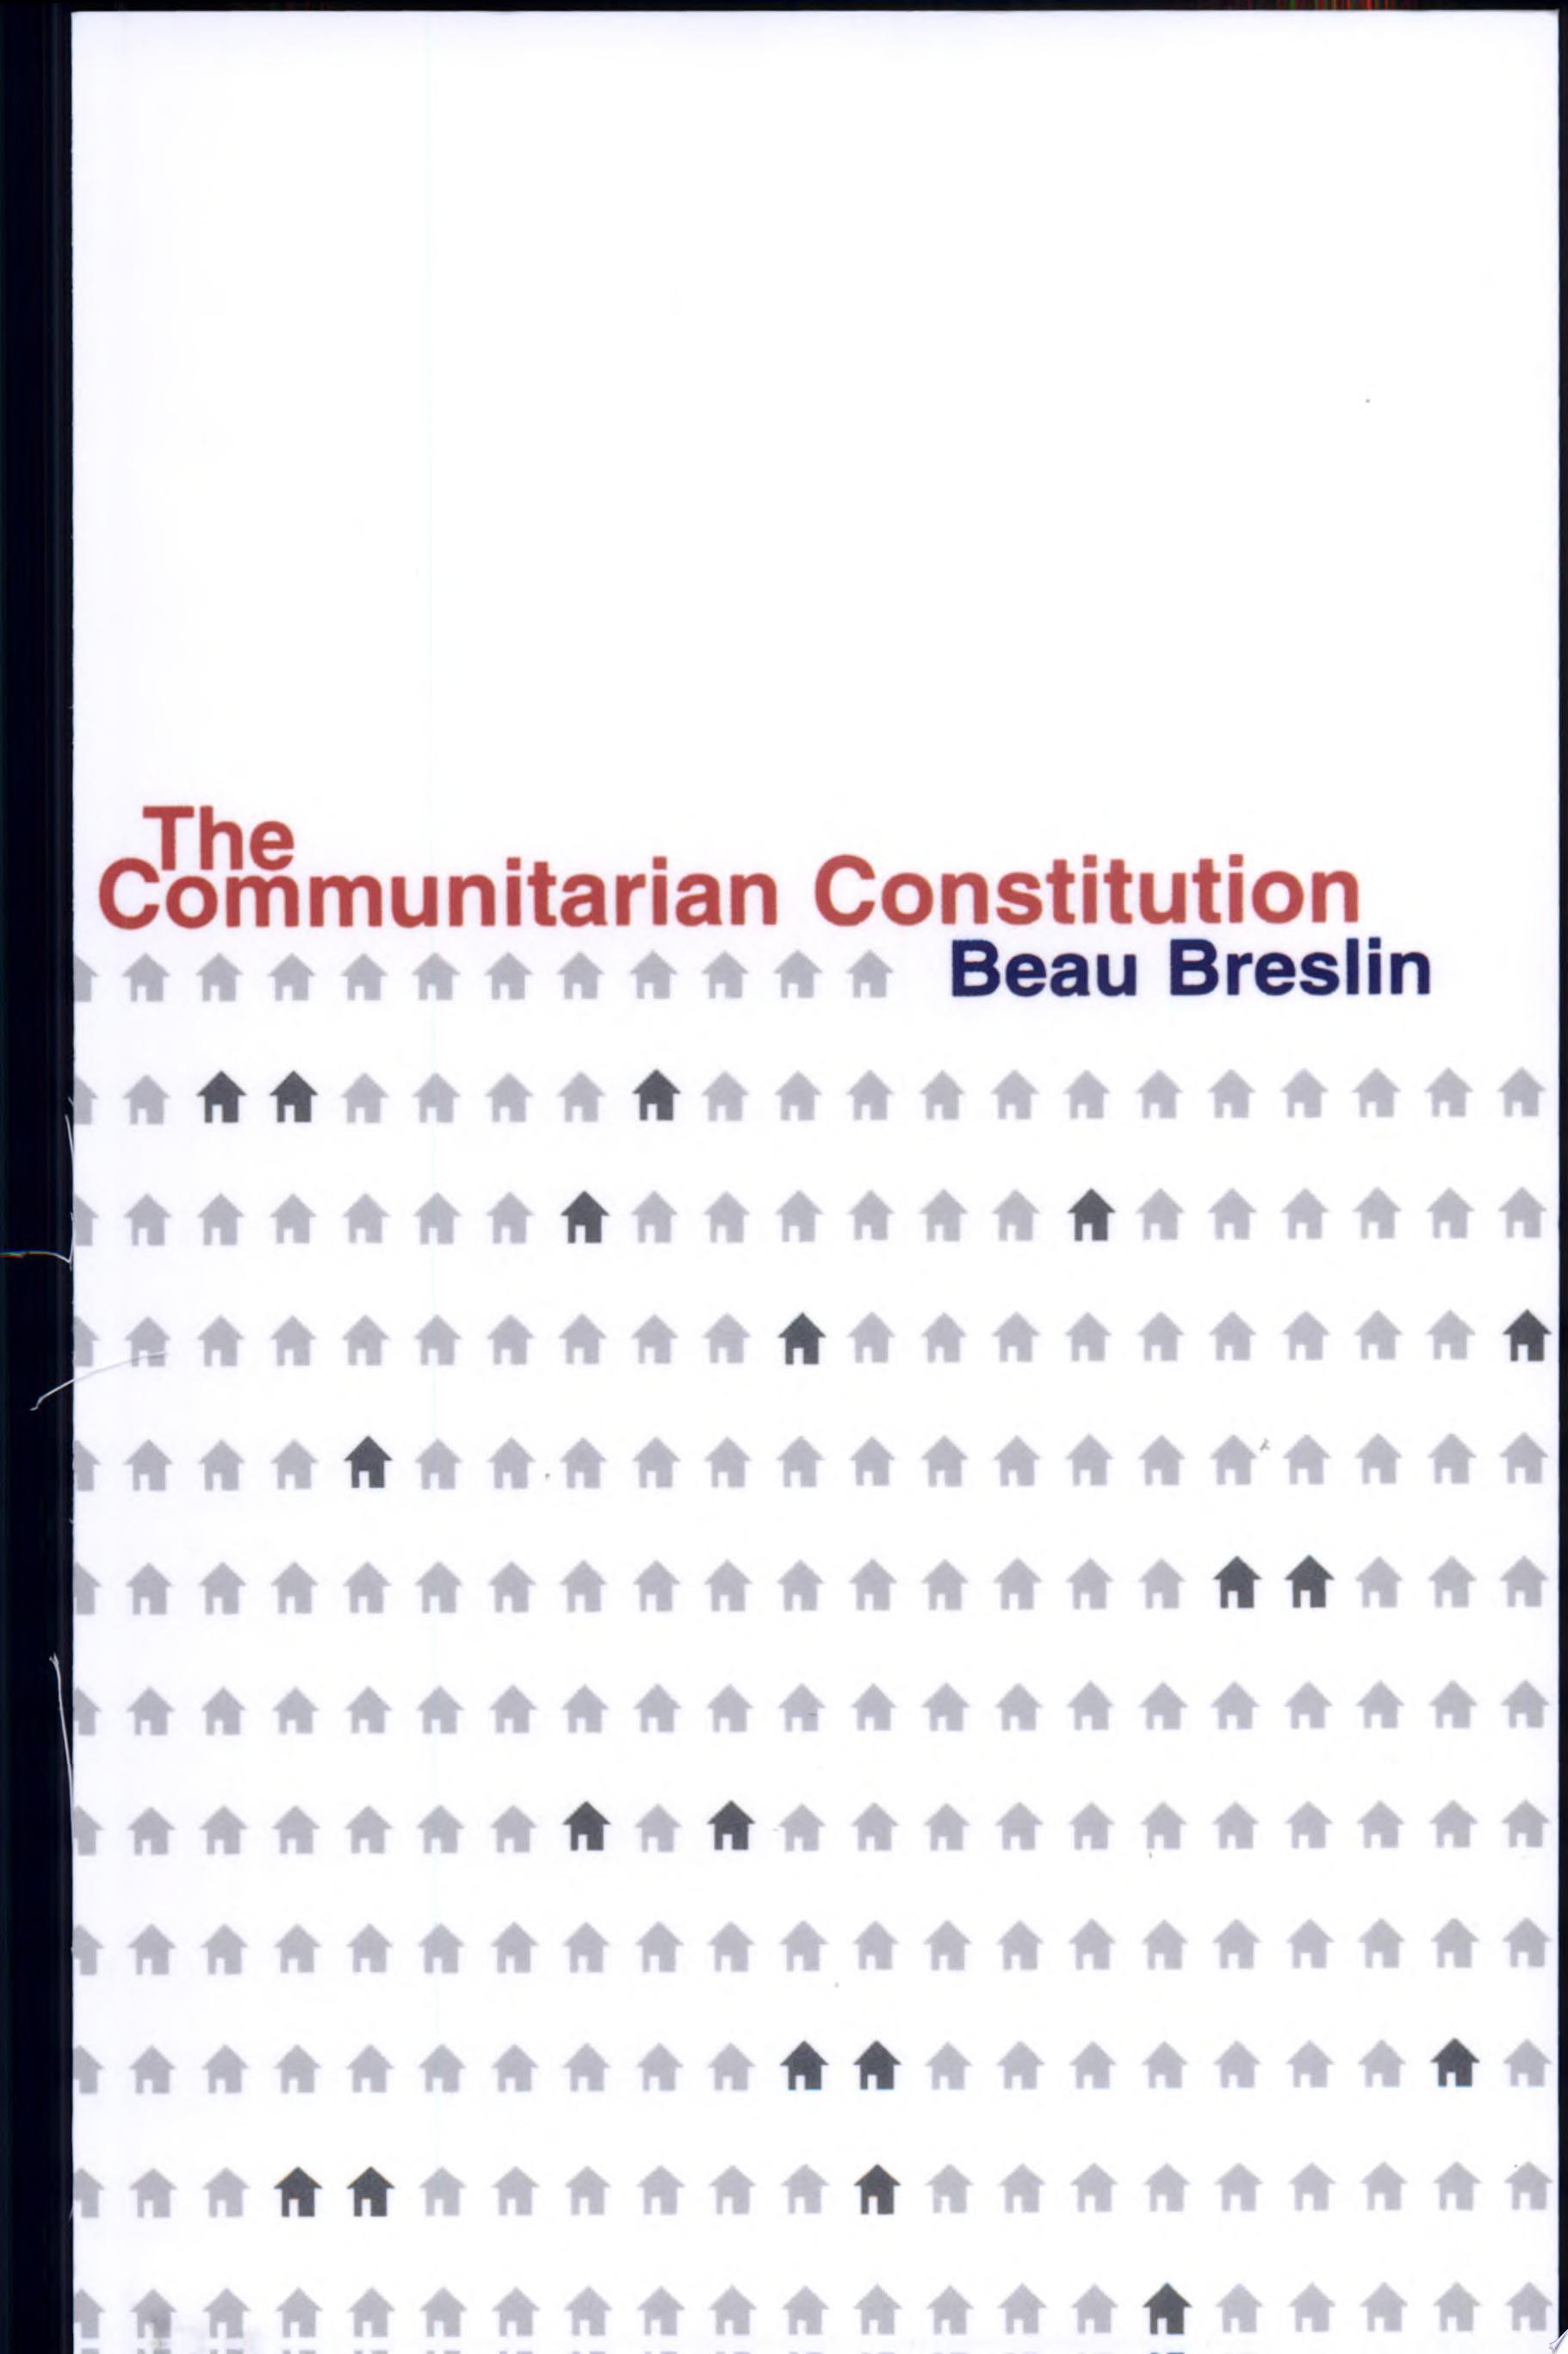 The Communitarian Constitution